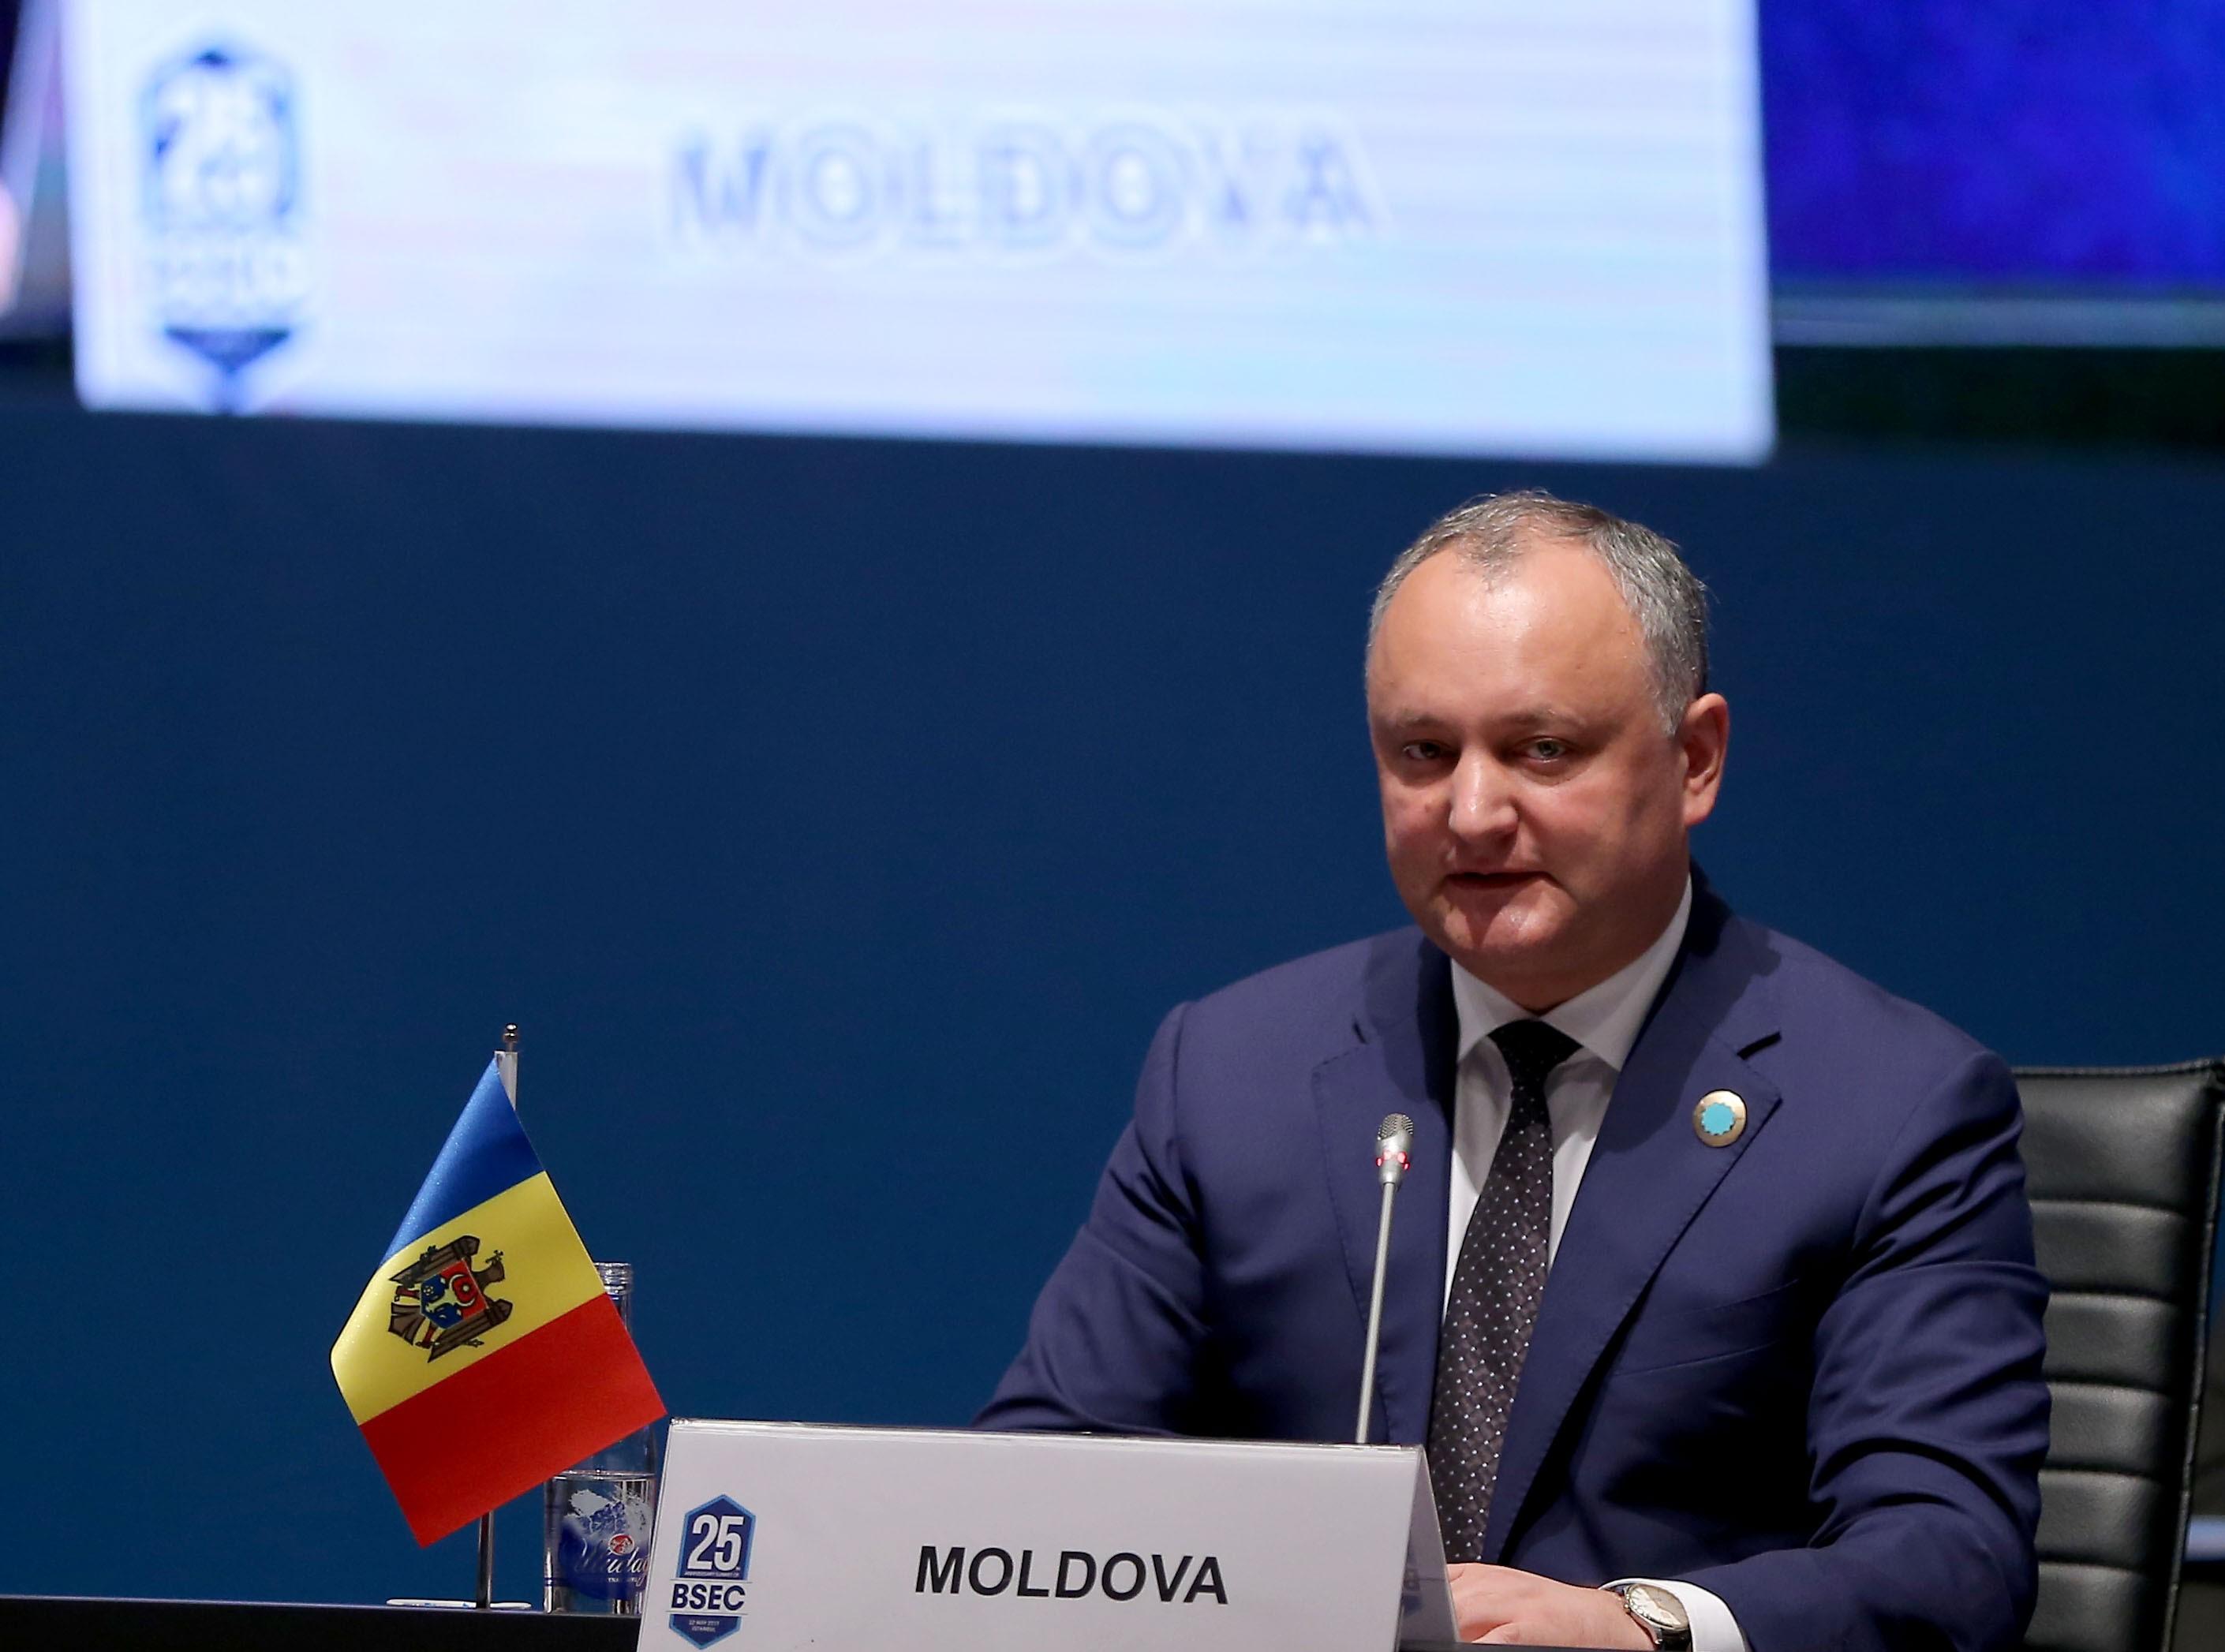 Partidul Democrat din Republica Moldova a depus o sesizare la Curtea Constituţională privind suspendarea preşedintelui Igor Dodon